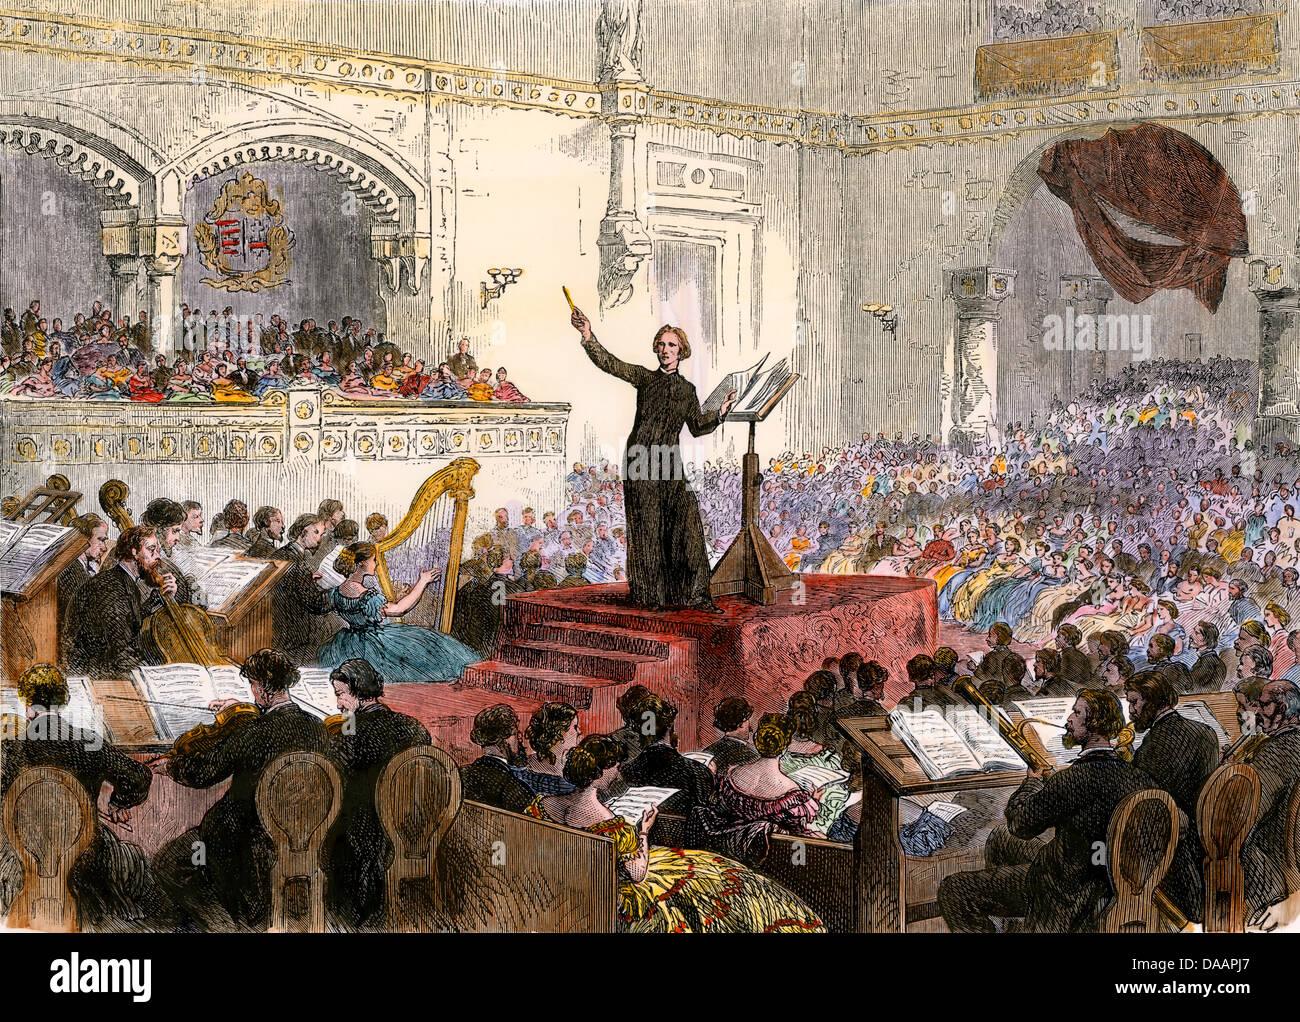 Franz Liszt l'Oratorio nouveau à Budapest, Hongrie, 1860. À la main, gravure sur bois Photo Stock